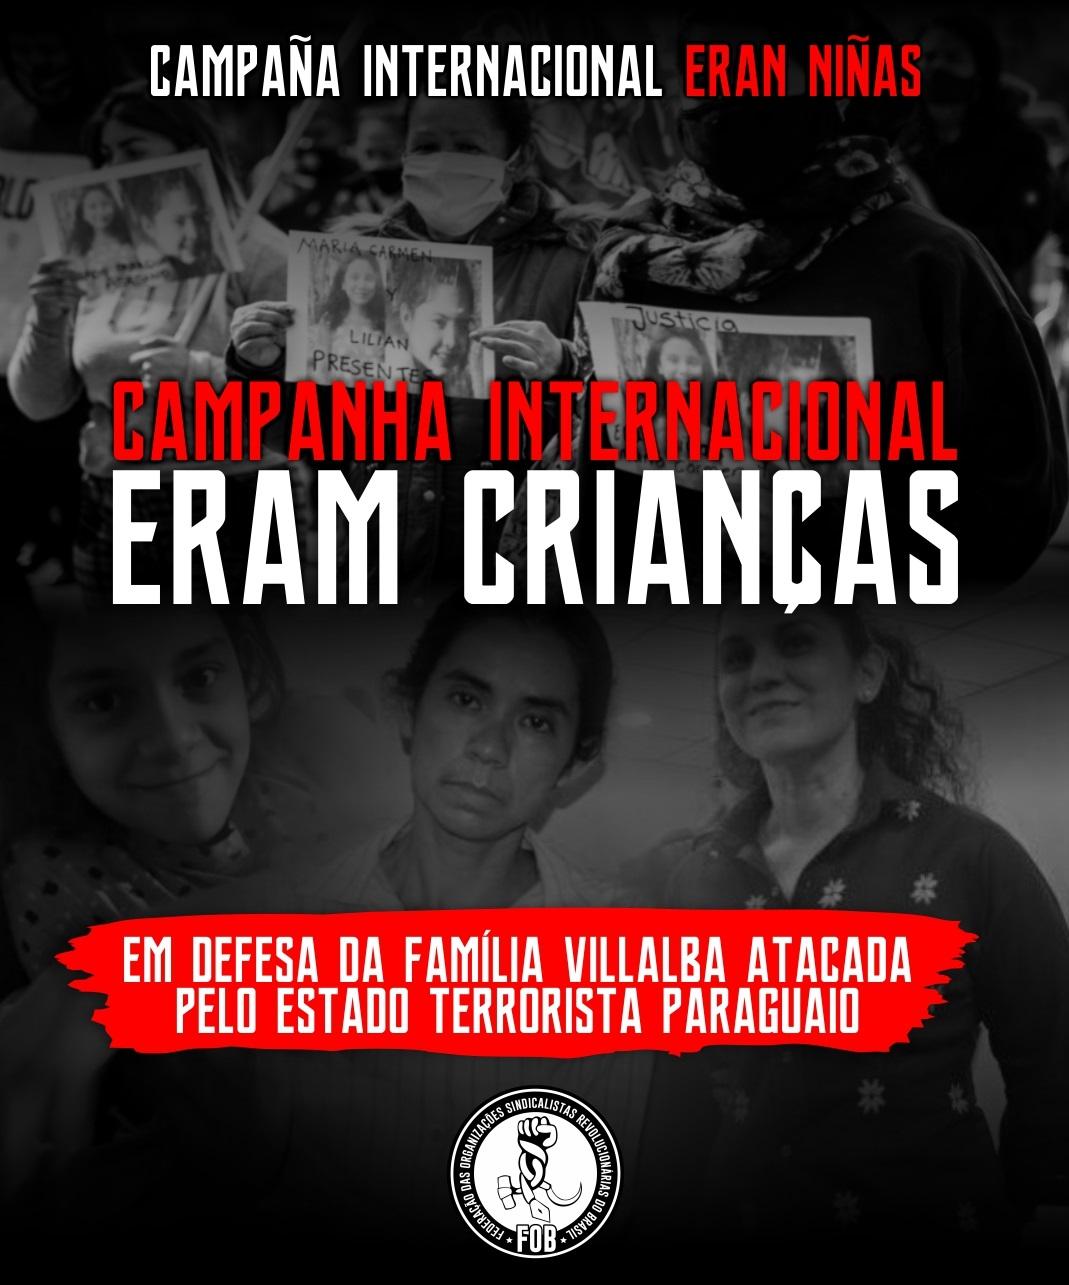 Campanha Internacional Eran Niñas denuncia o Estado terrorista e infanticida paraguaio